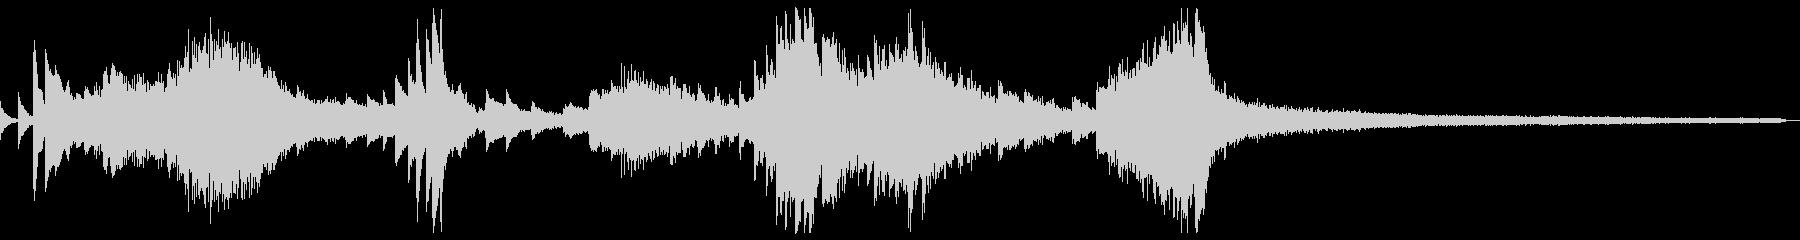 和風のジングル4-ピアノソロの未再生の波形